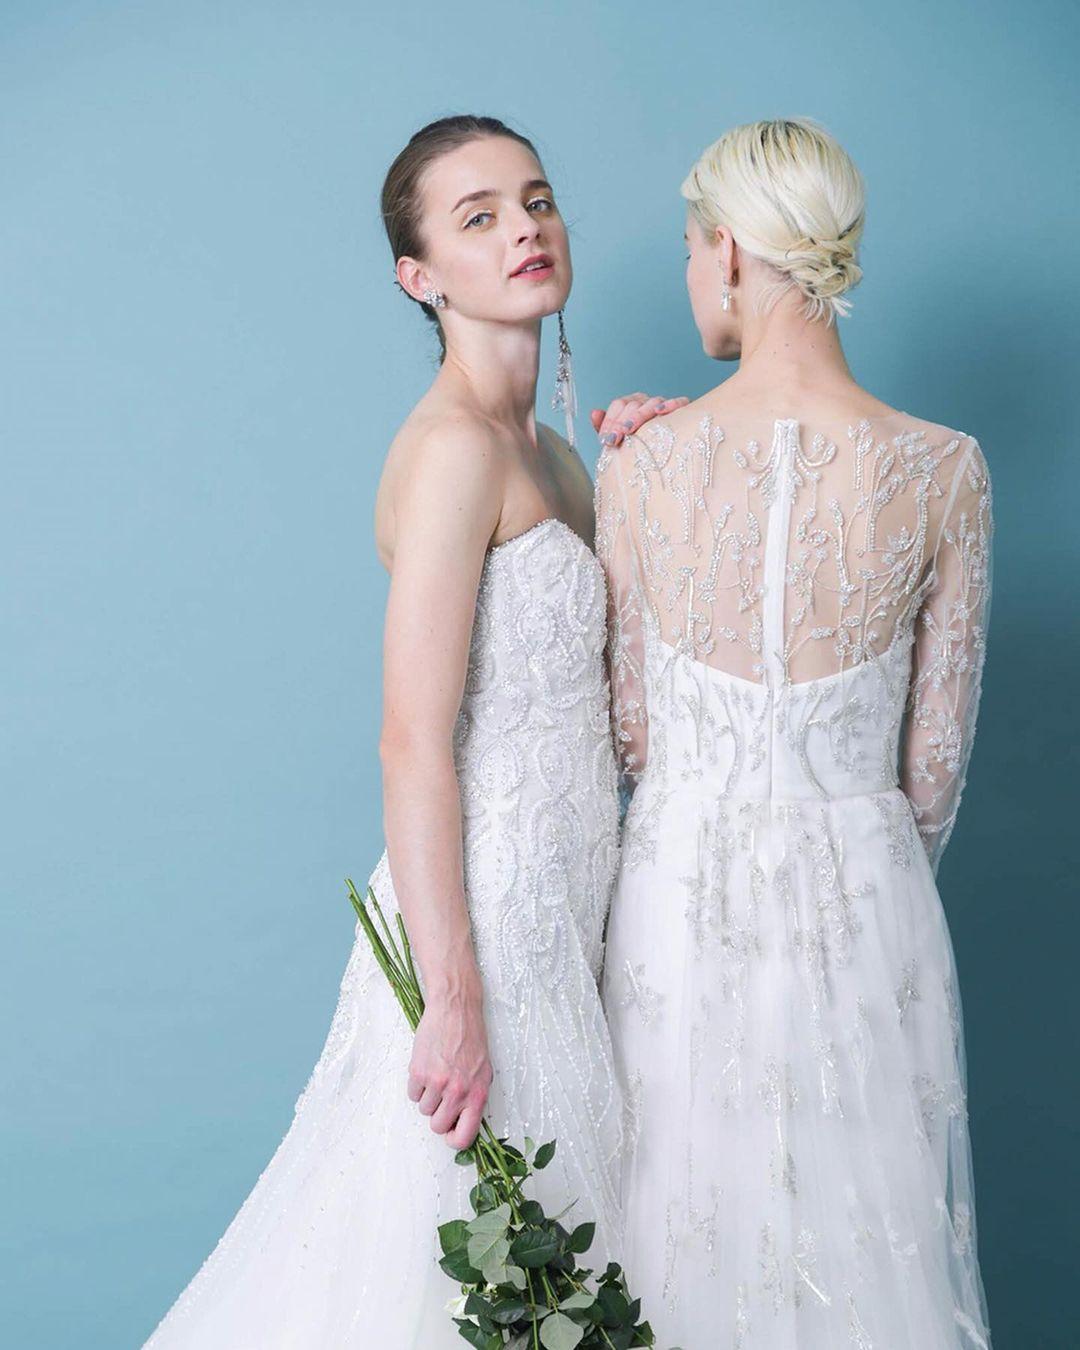 ウェディングドレスを着た2人の女性